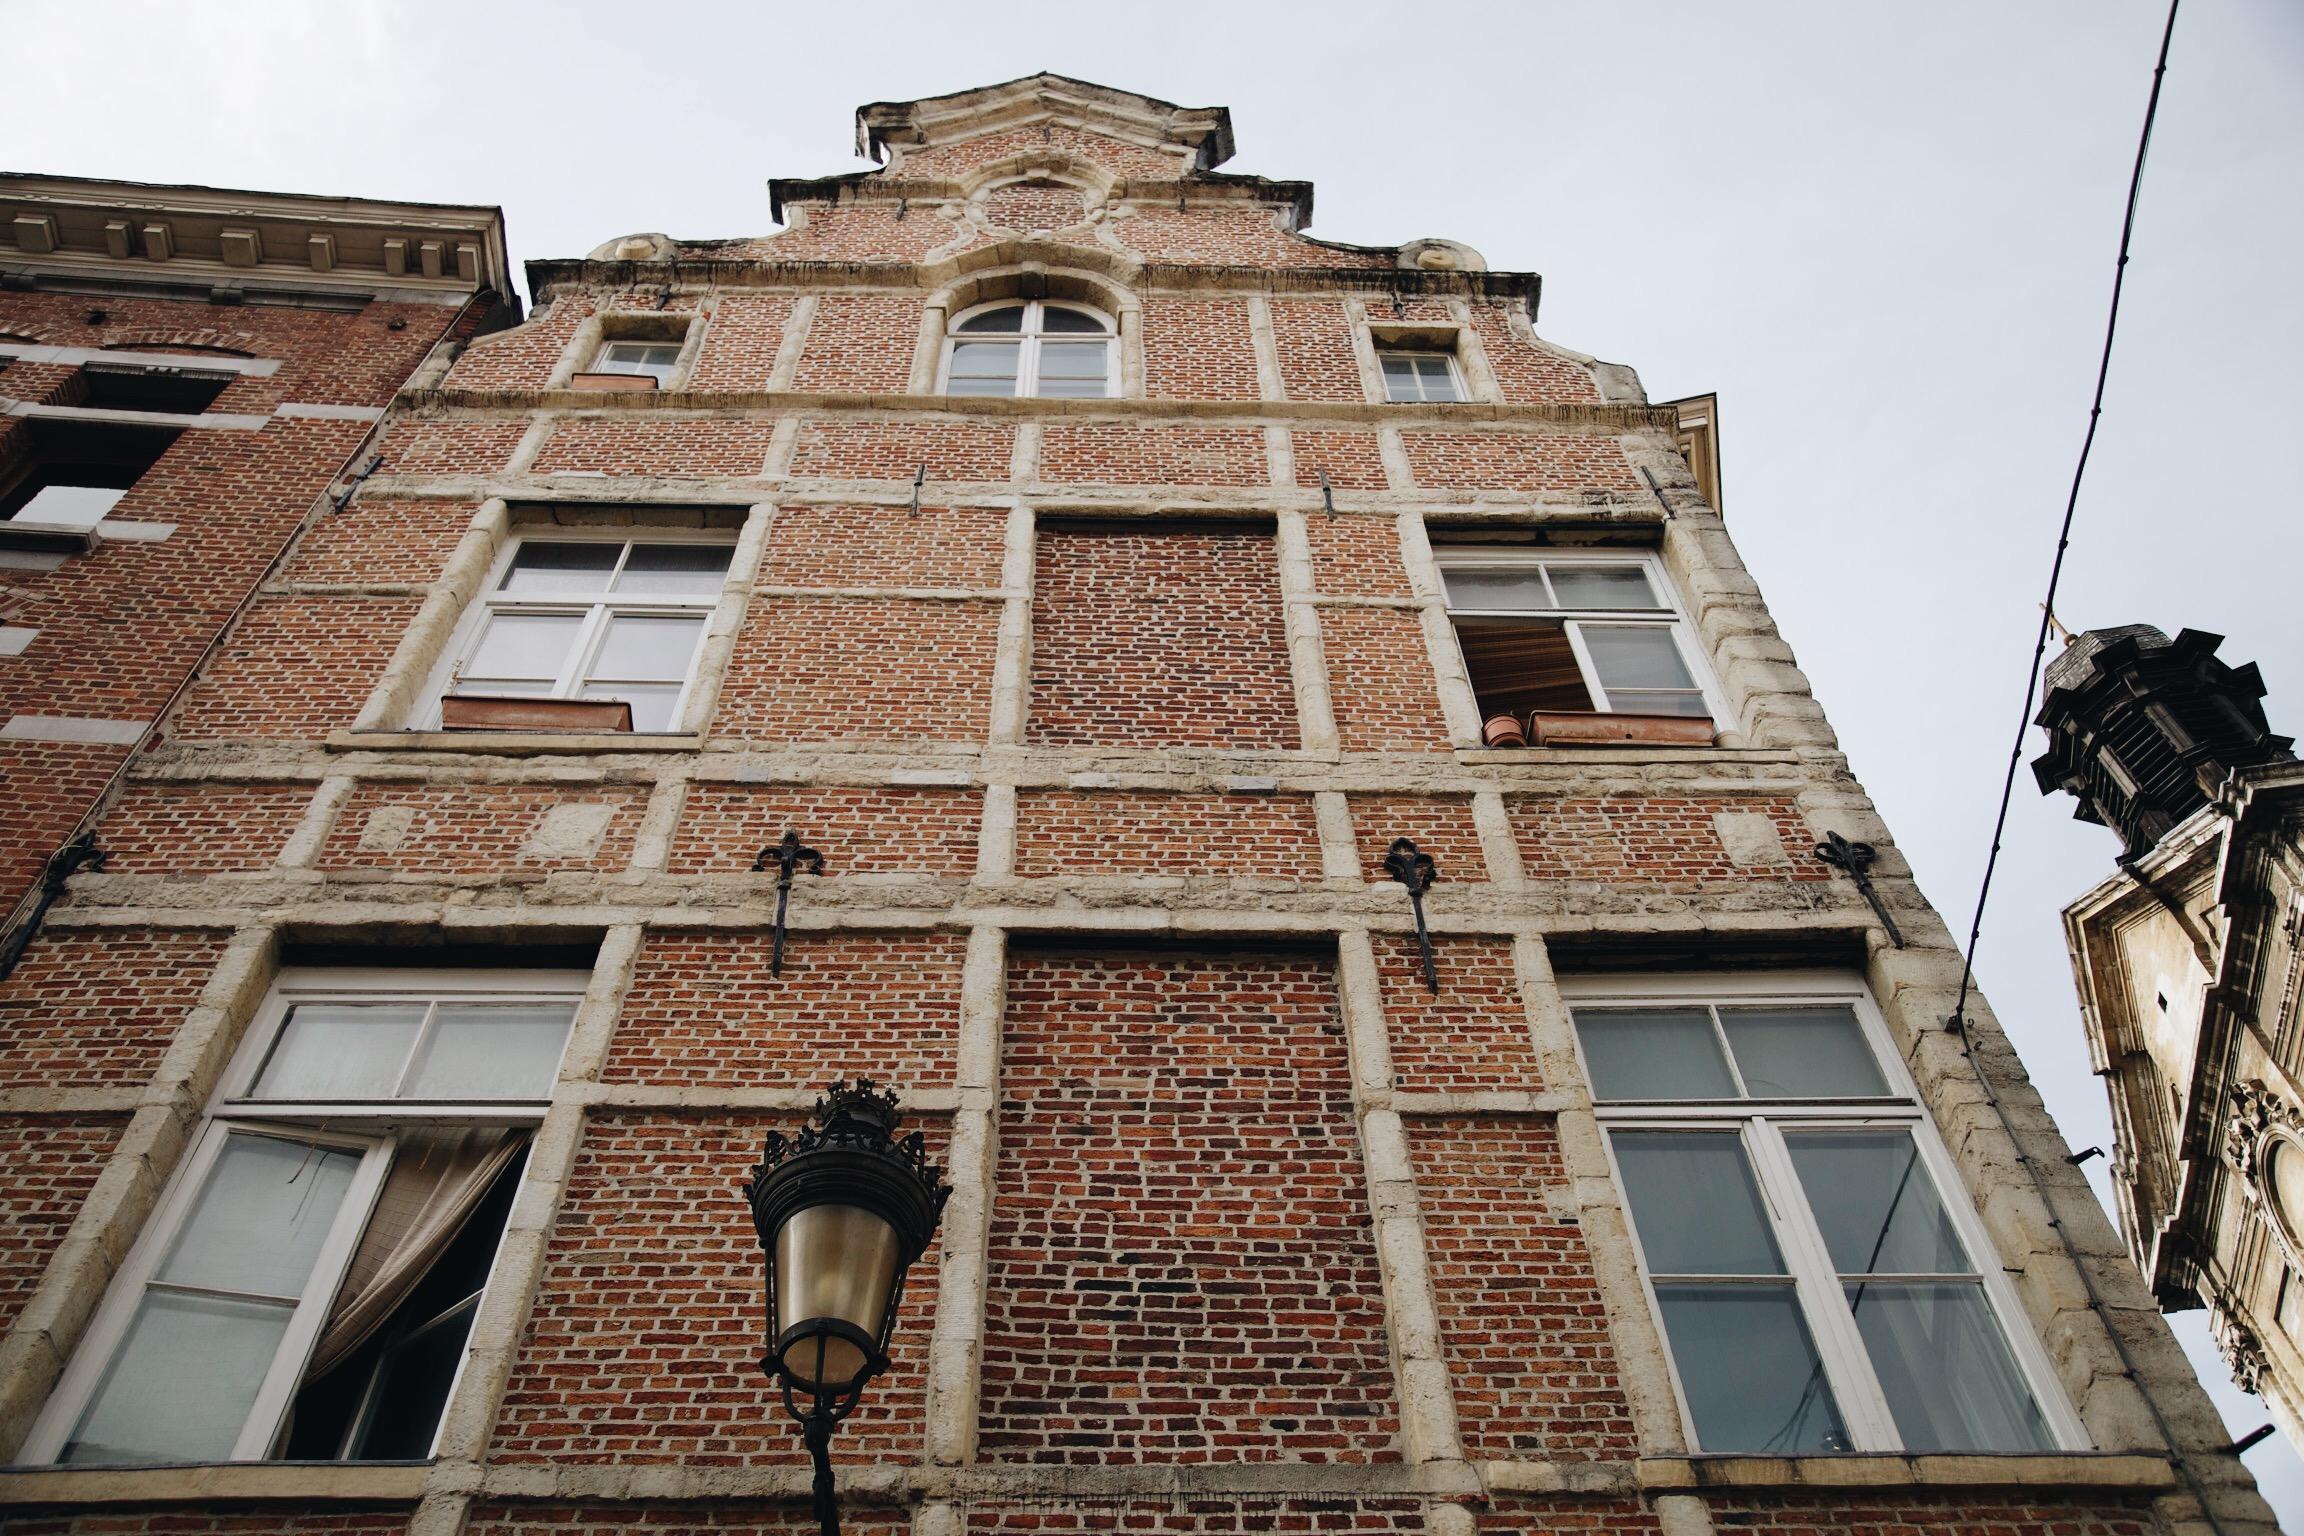 bruxelles-briques-belgique-voyage.JPG